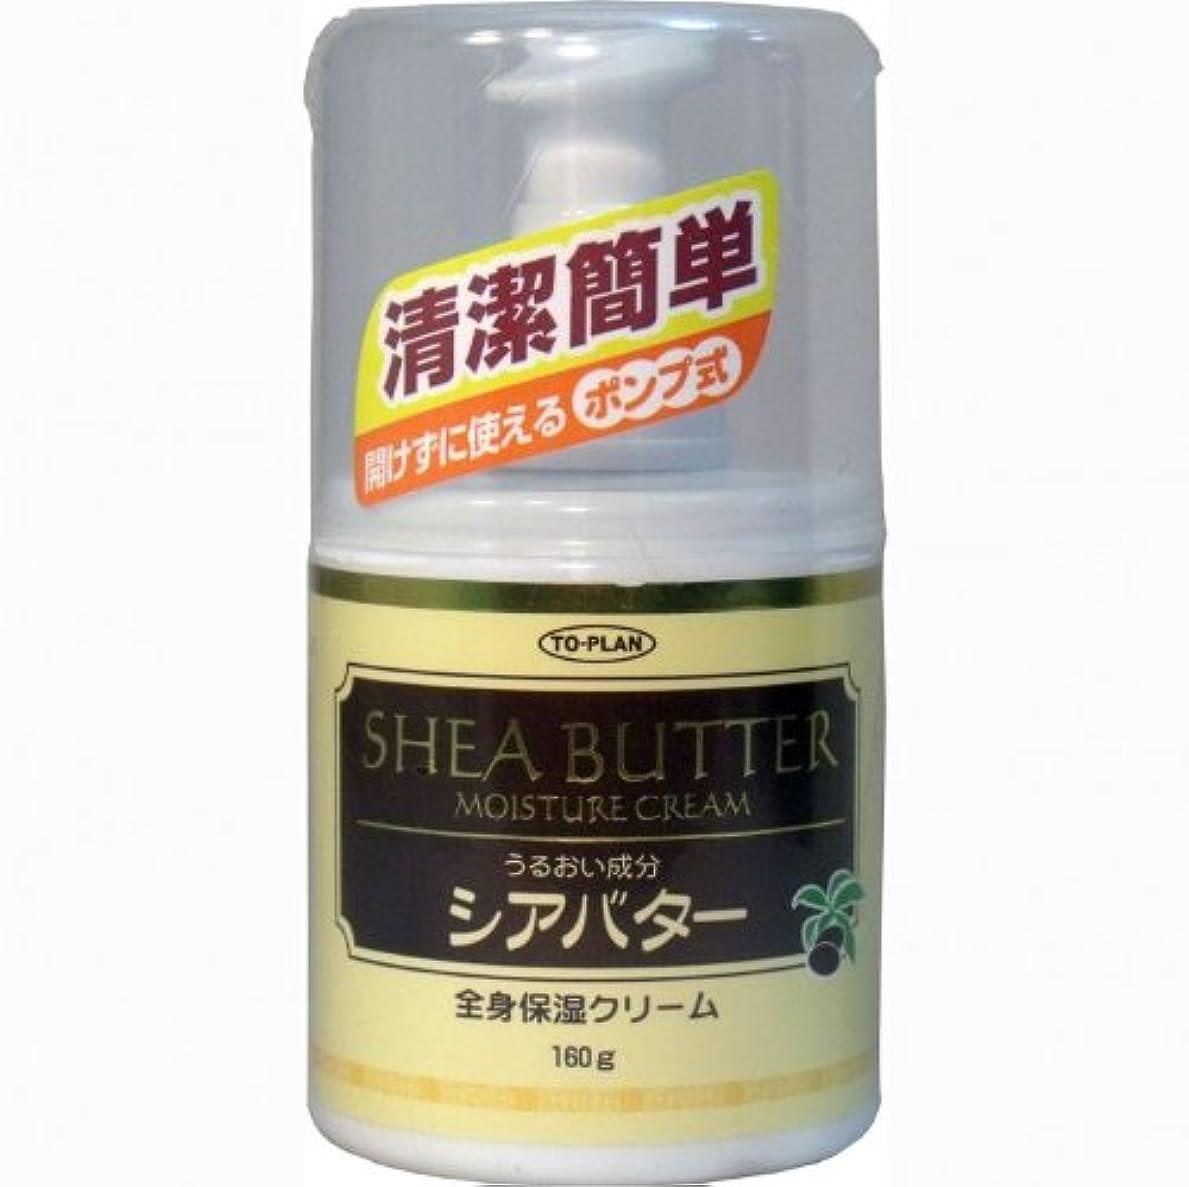 タイトルハッピー散るトプラン 全身保湿クリーム シアバター ポンプ式 160g【2個セット】